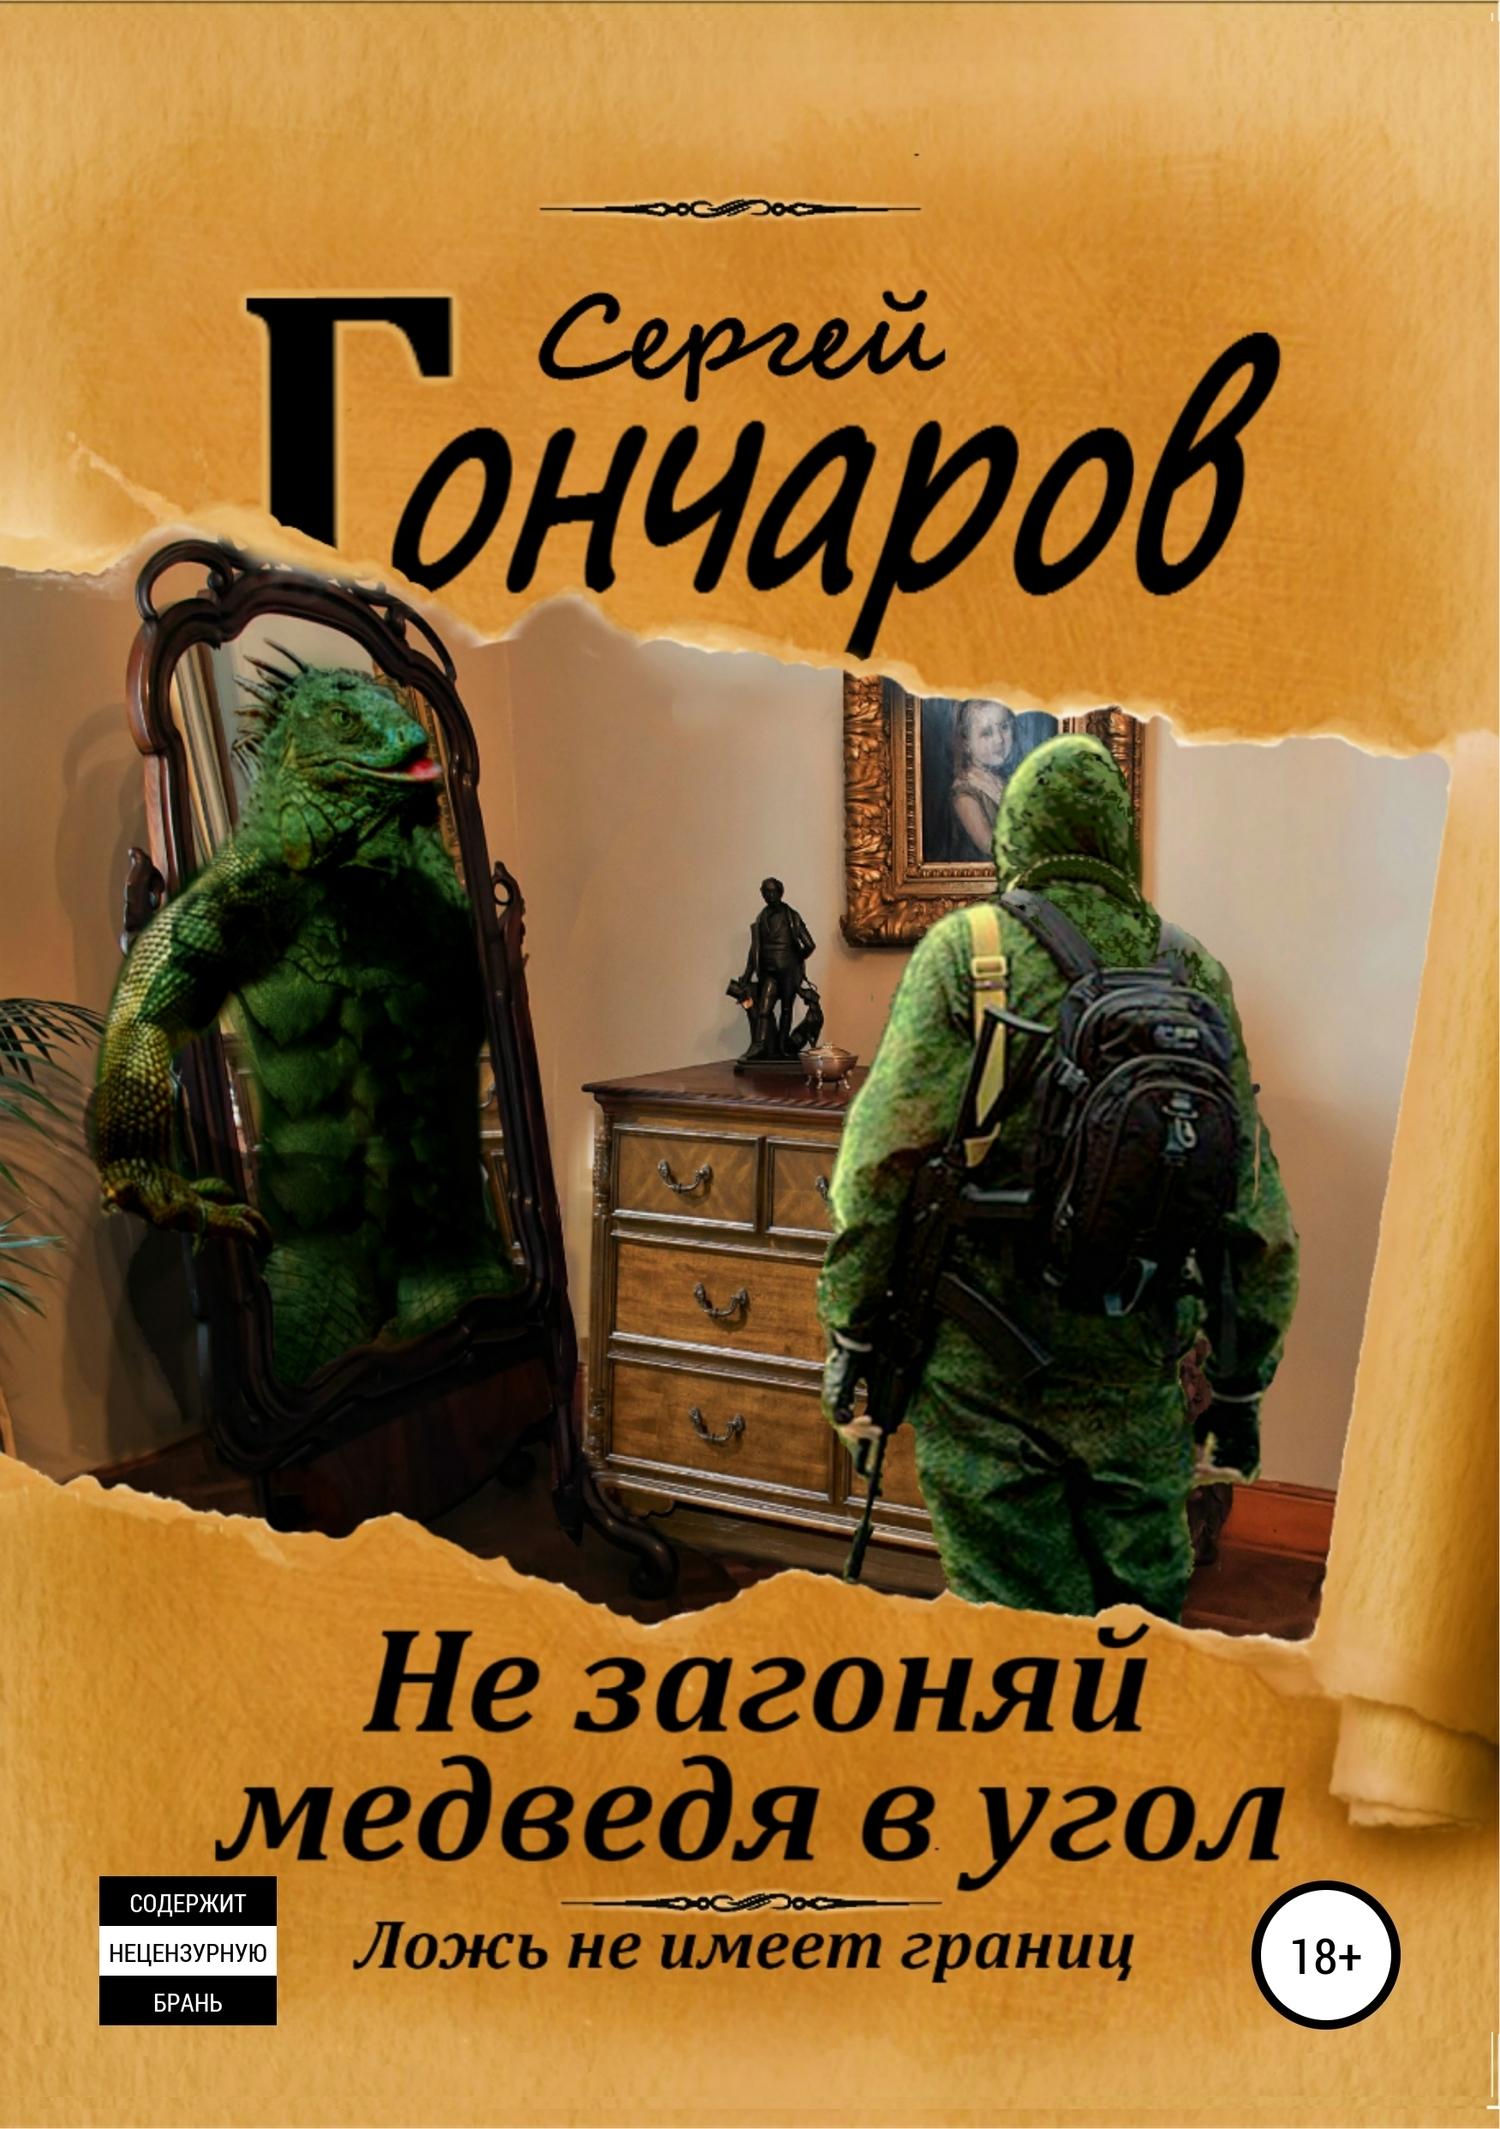 Сергей Гончаров - Не загоняй медведя в угол